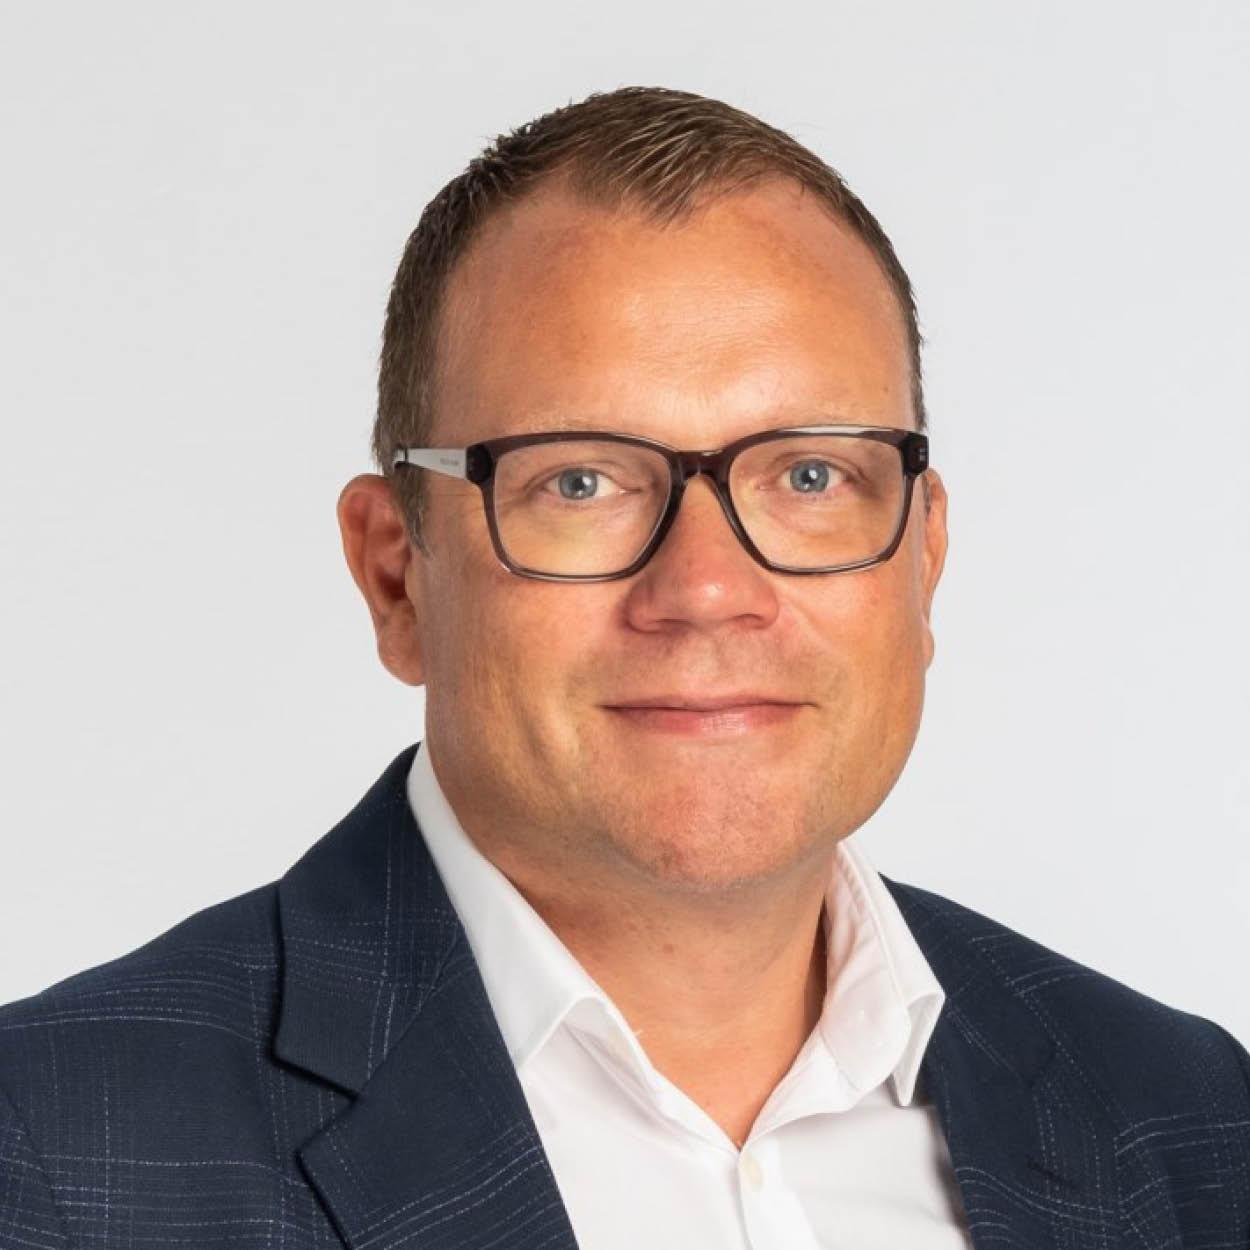 Erik Pettersen i Notar